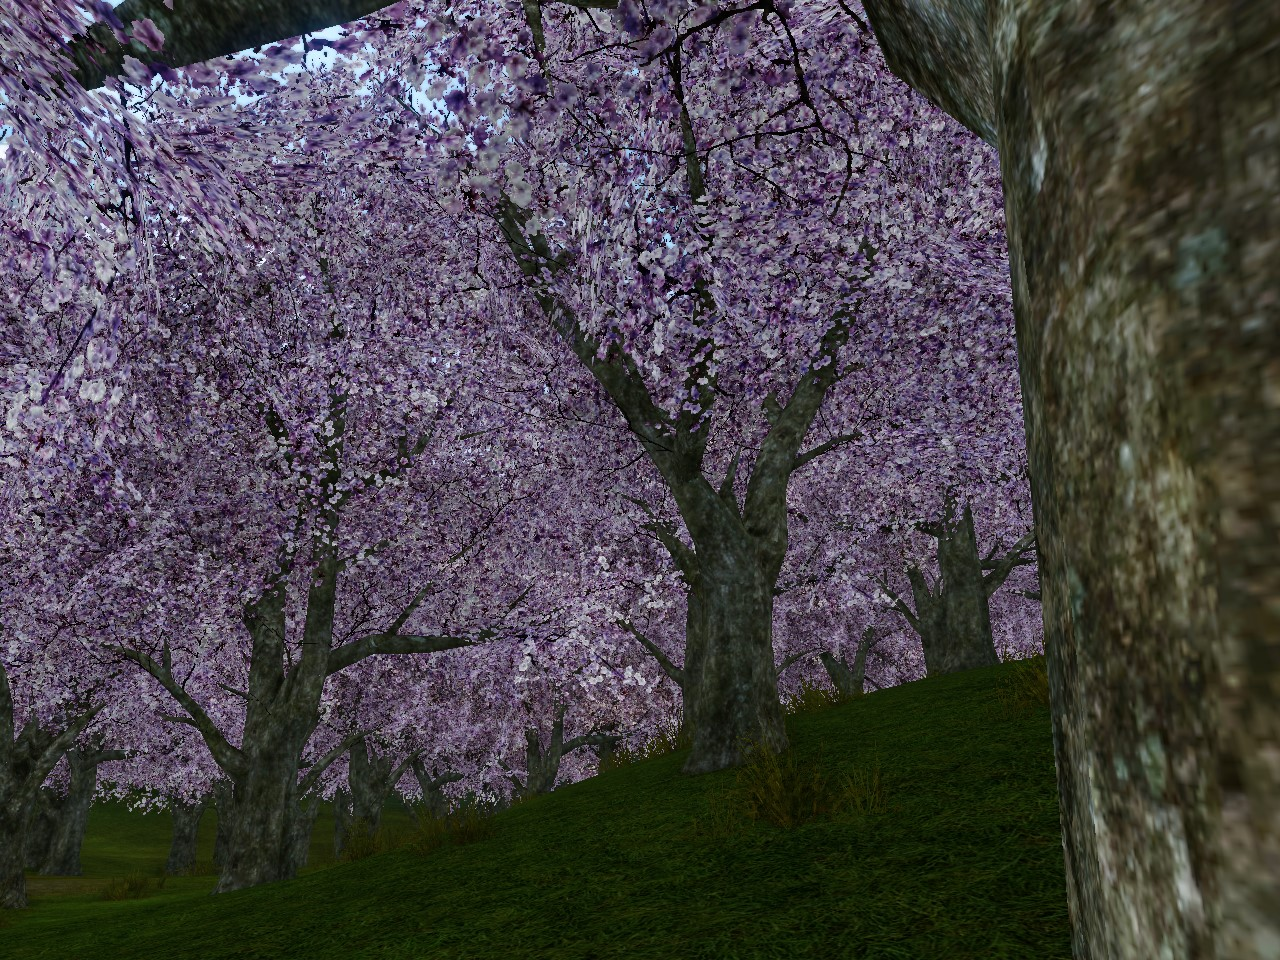 満開の桜の木の下で